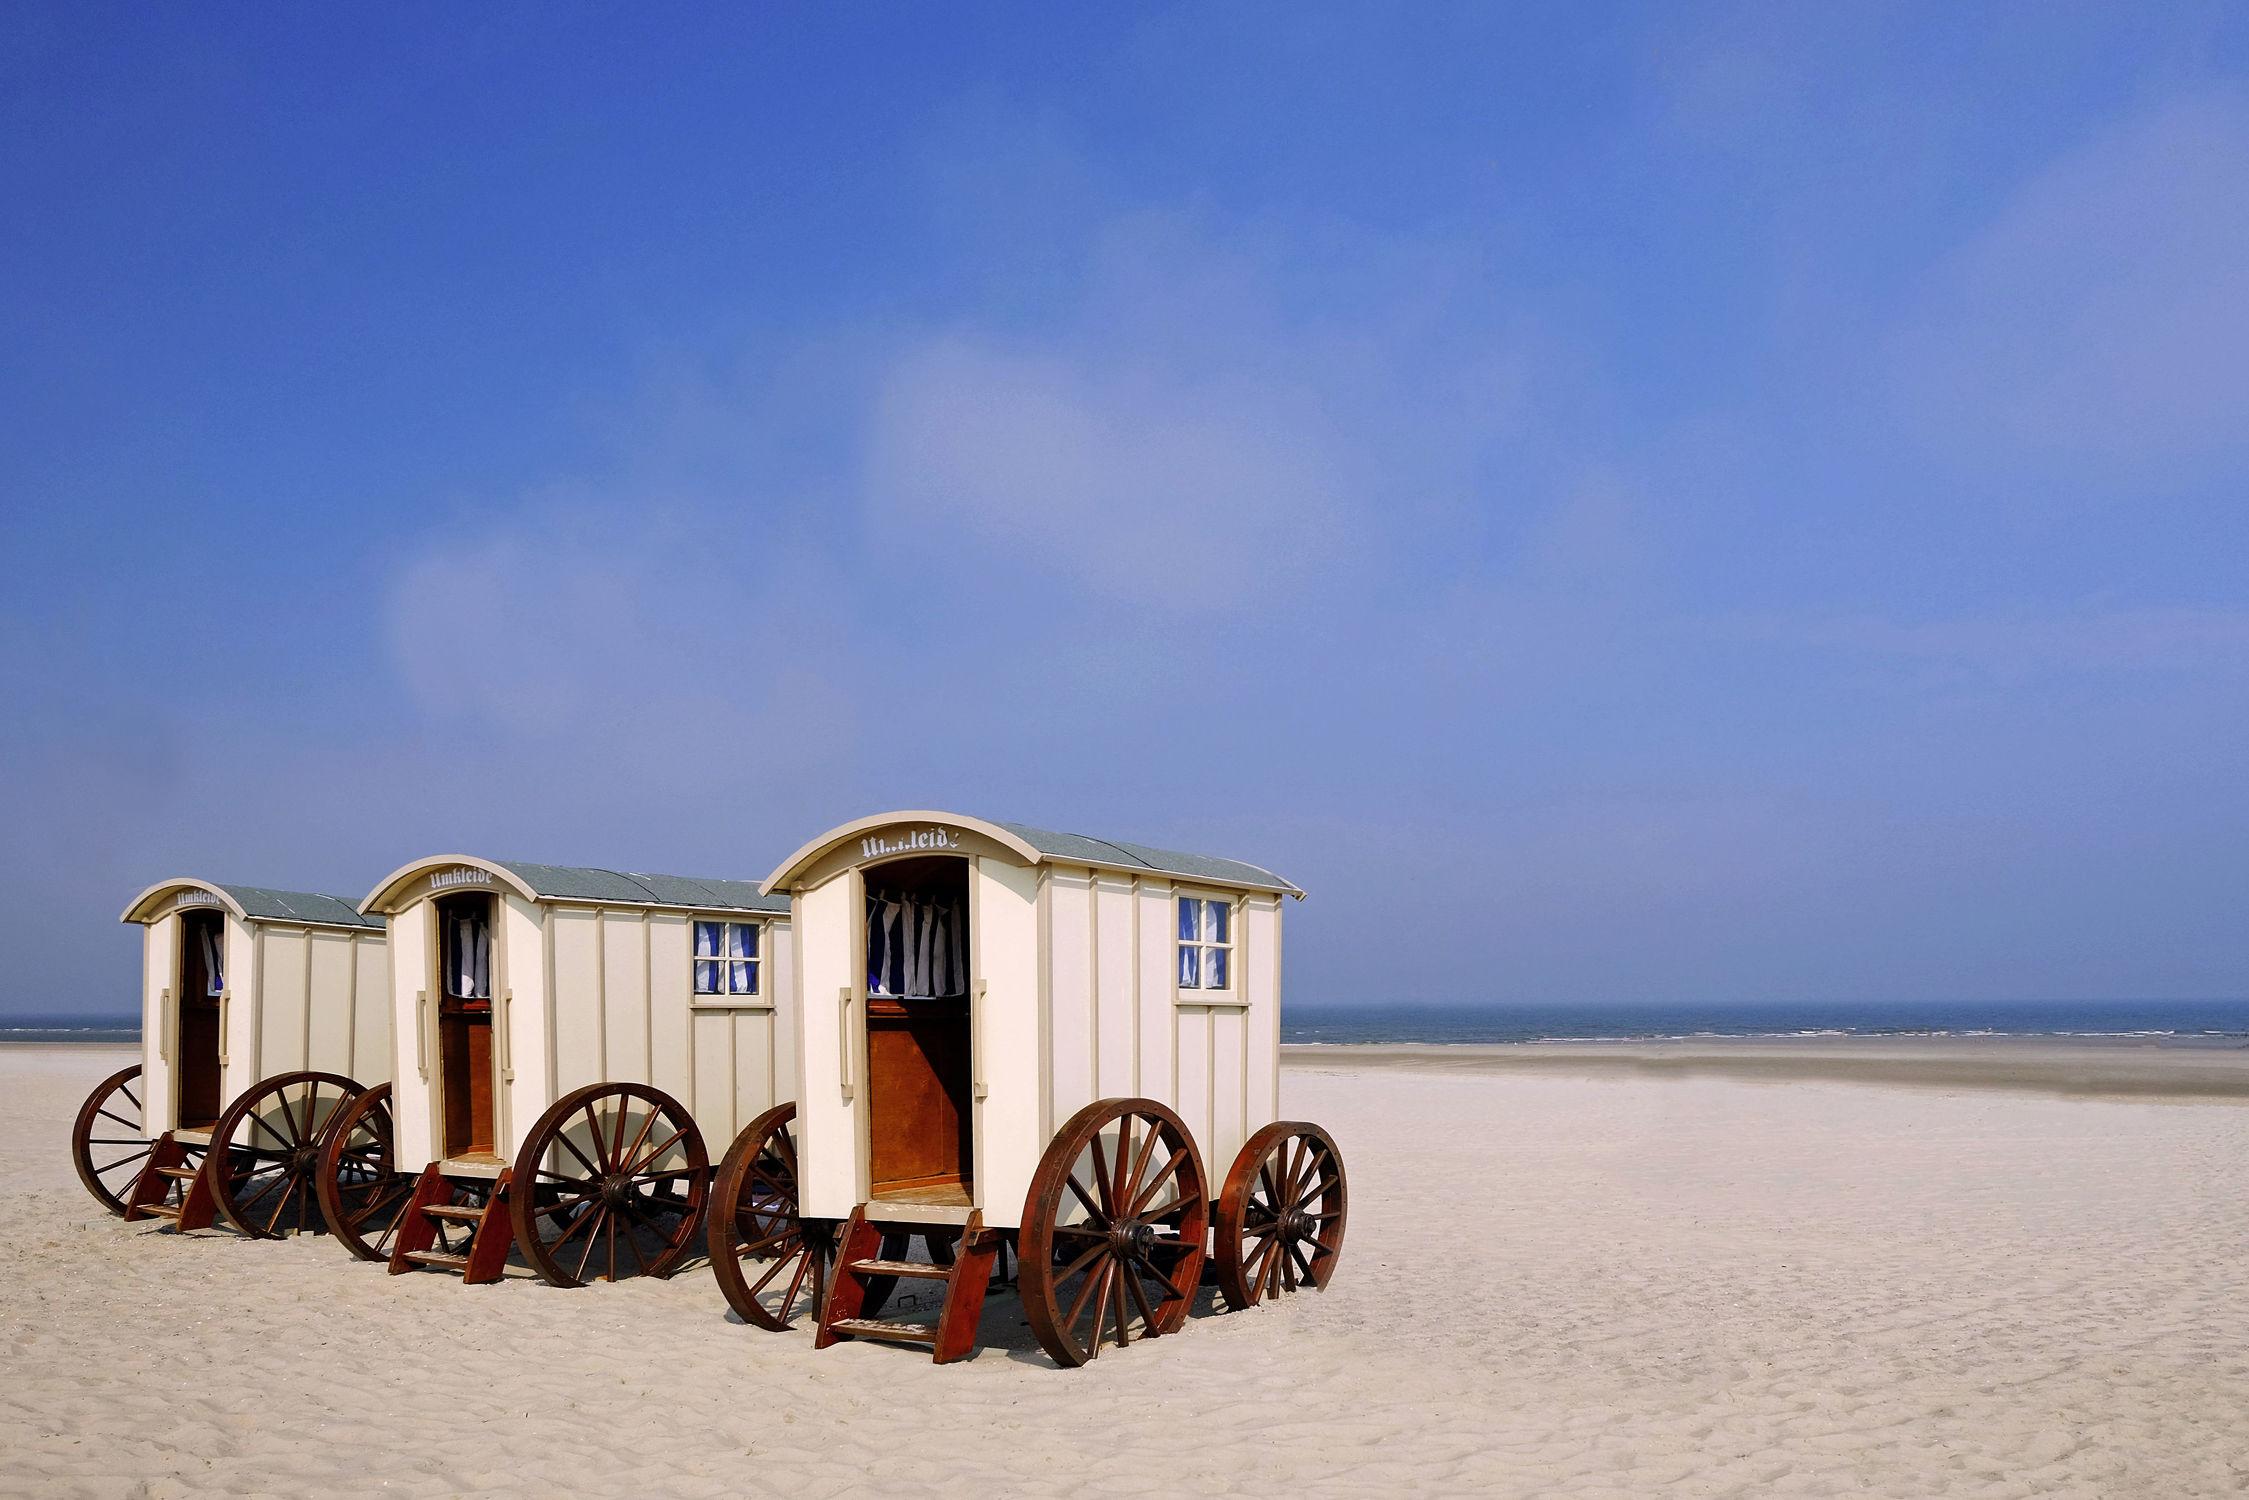 Bild mit Strände, Urlaub, Sommer, Sonne, Strand, Meerblick, Meer, Küste, Ostfriesische Inseln, Ausspannen, Relaxen, Norderney, Norderney, Umkleidewagen